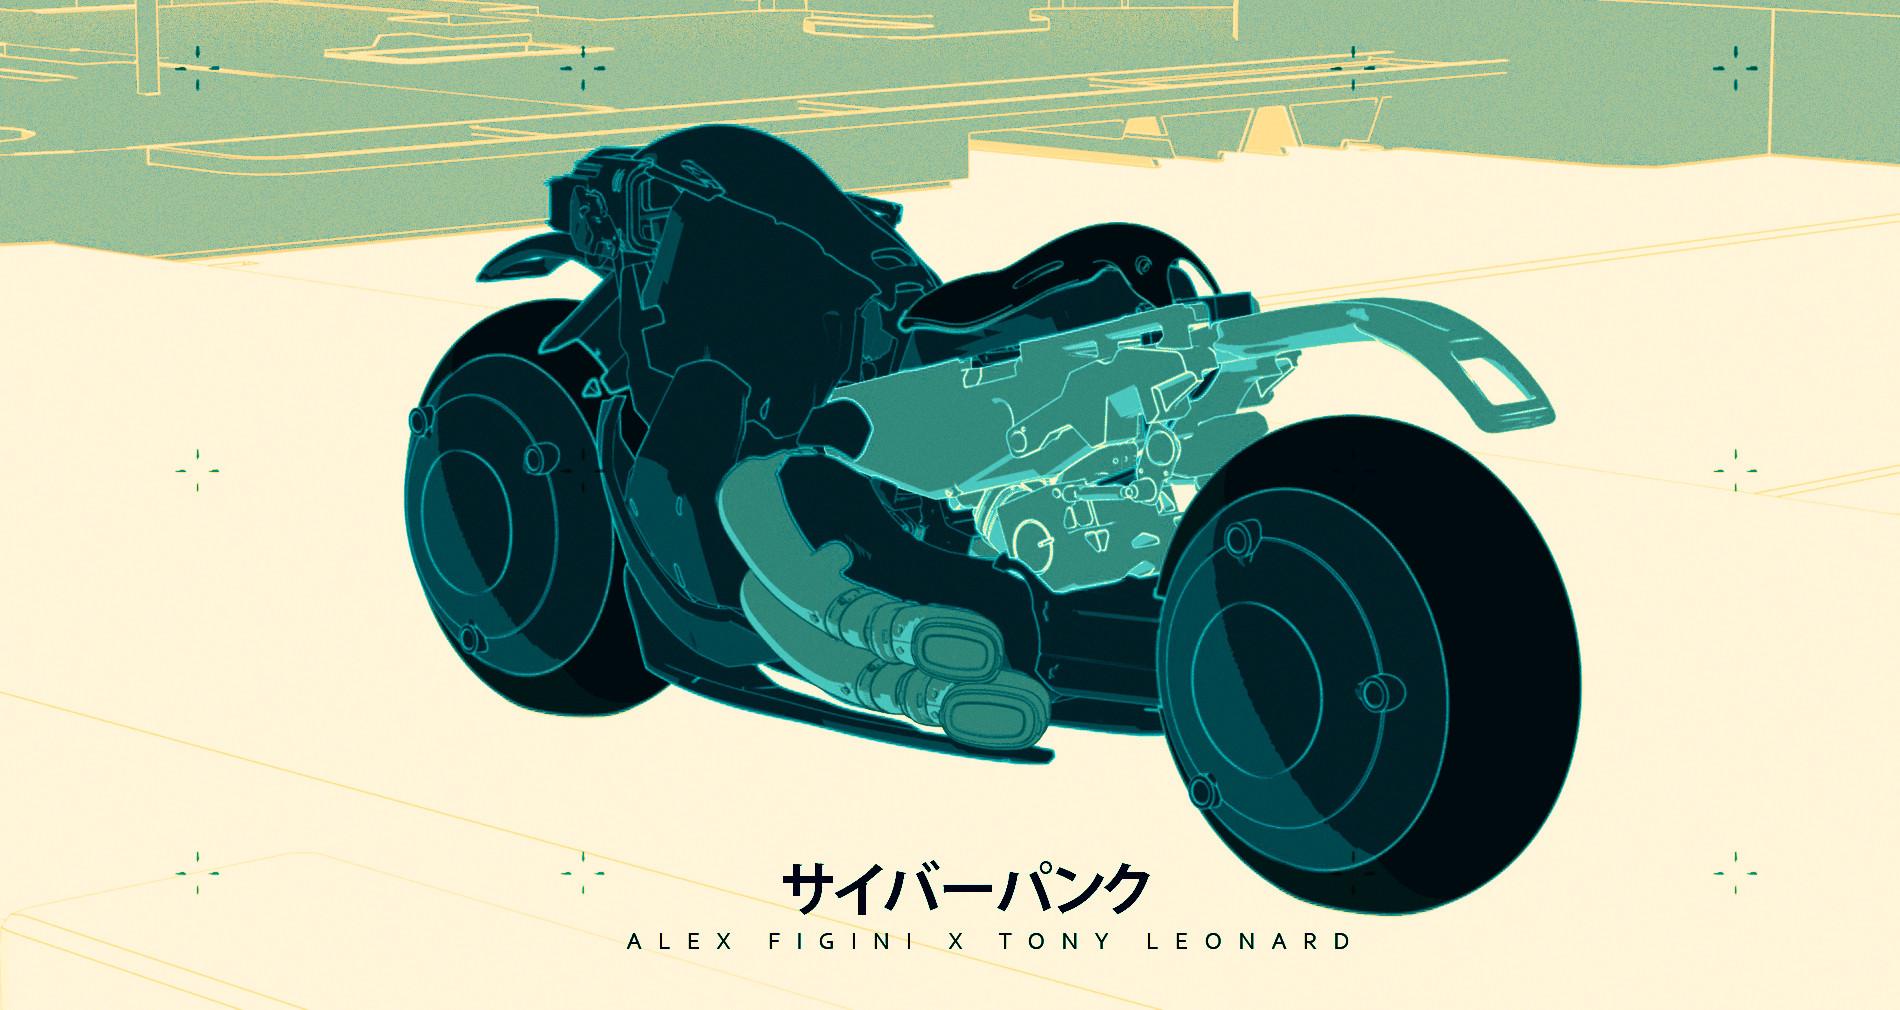 Alex figini bike test 05a